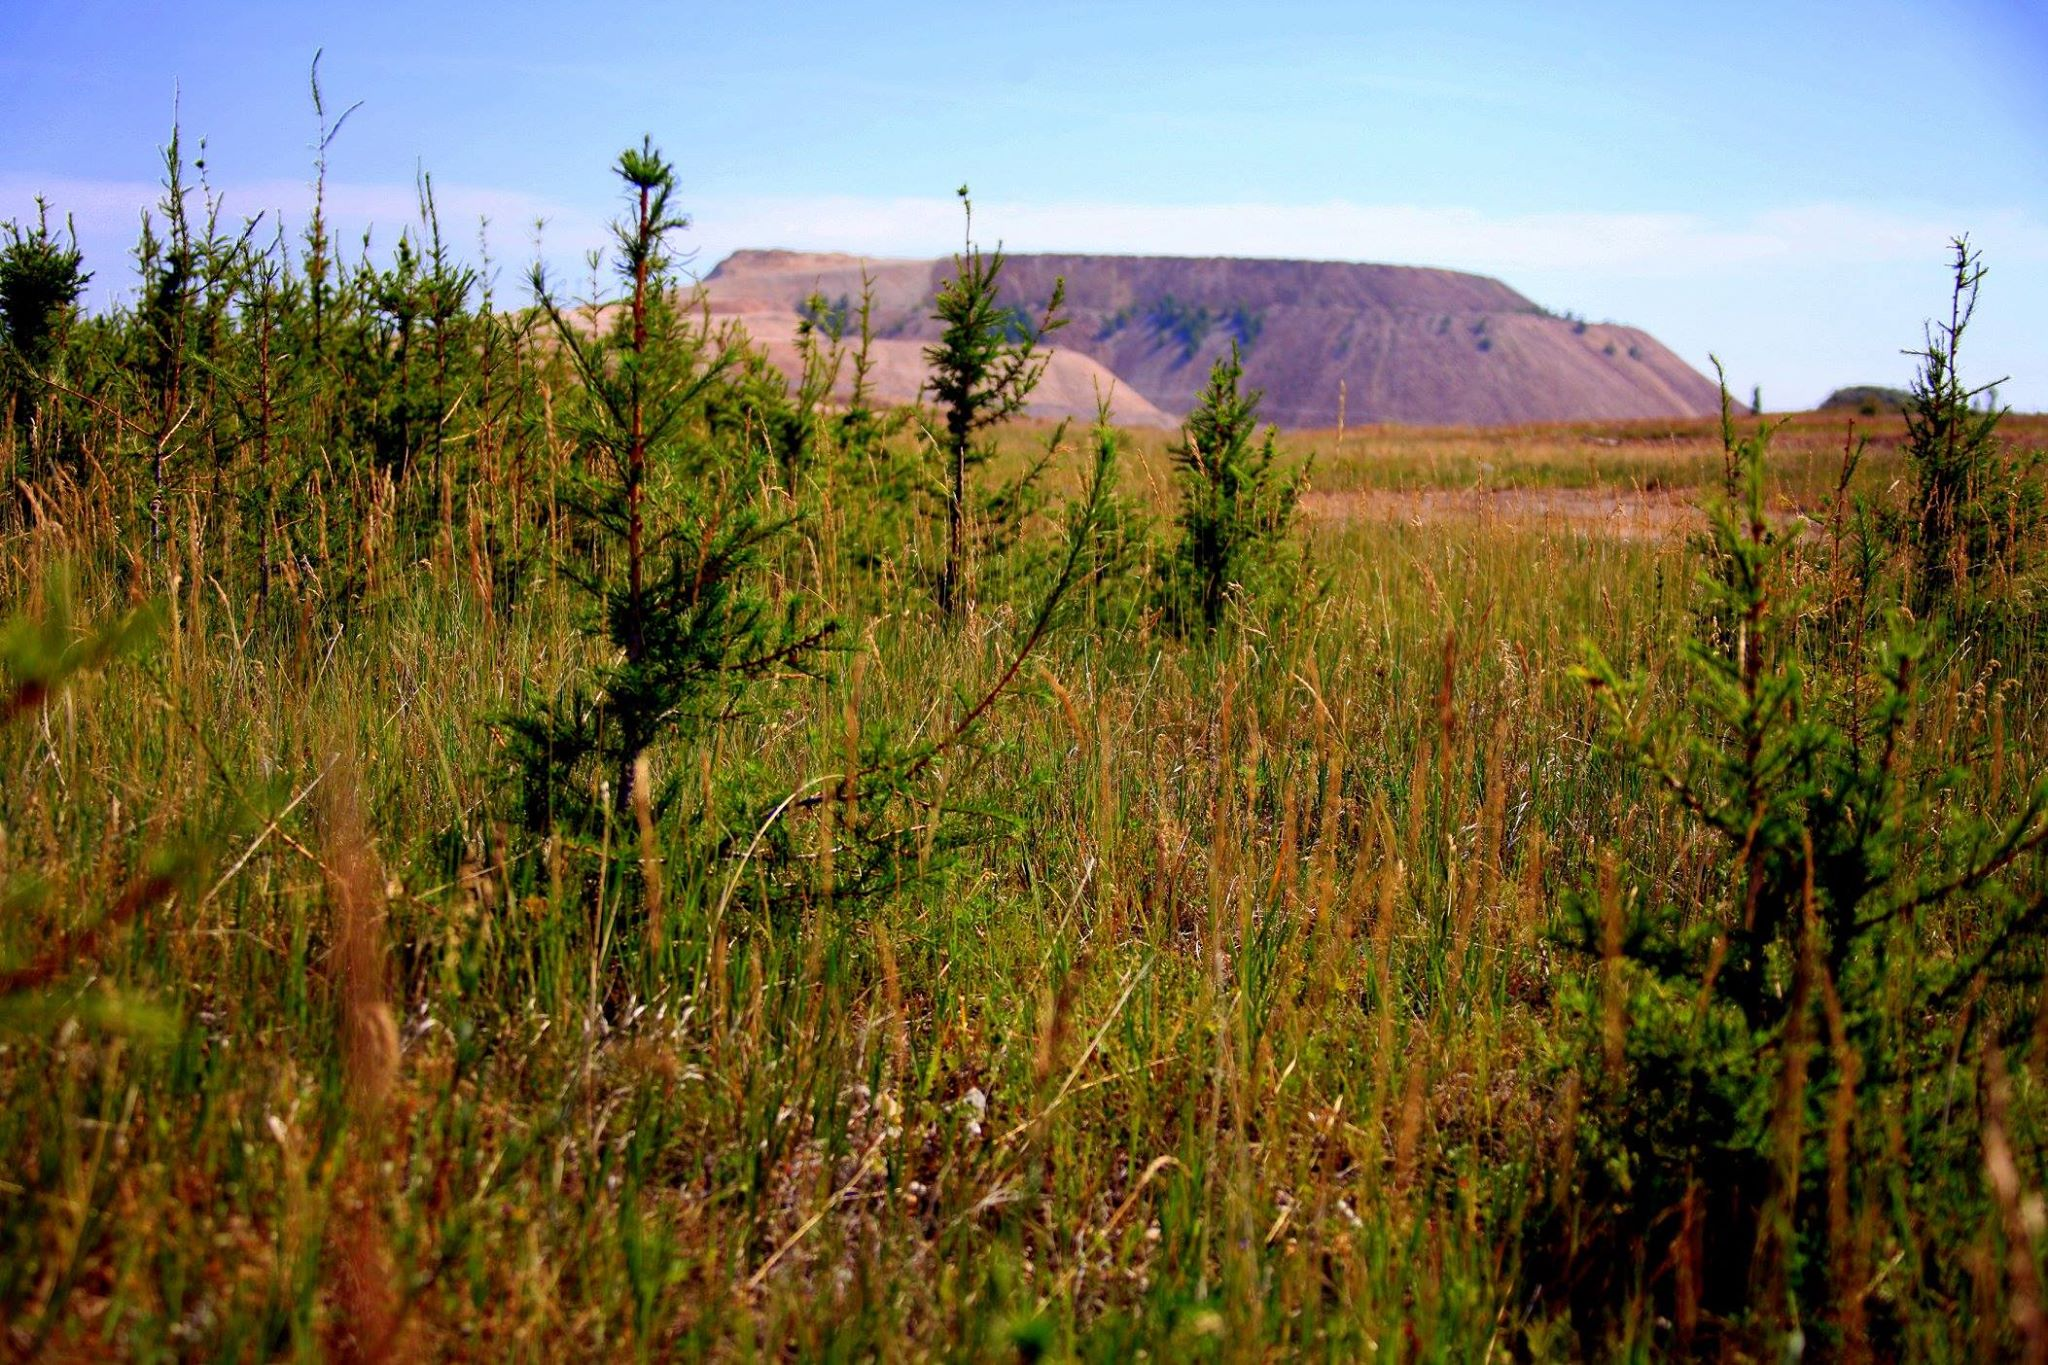 Гуравдугаар овоолгын нөхөн сэргээлт Монголын уул уурхайд жишиг тогтооно